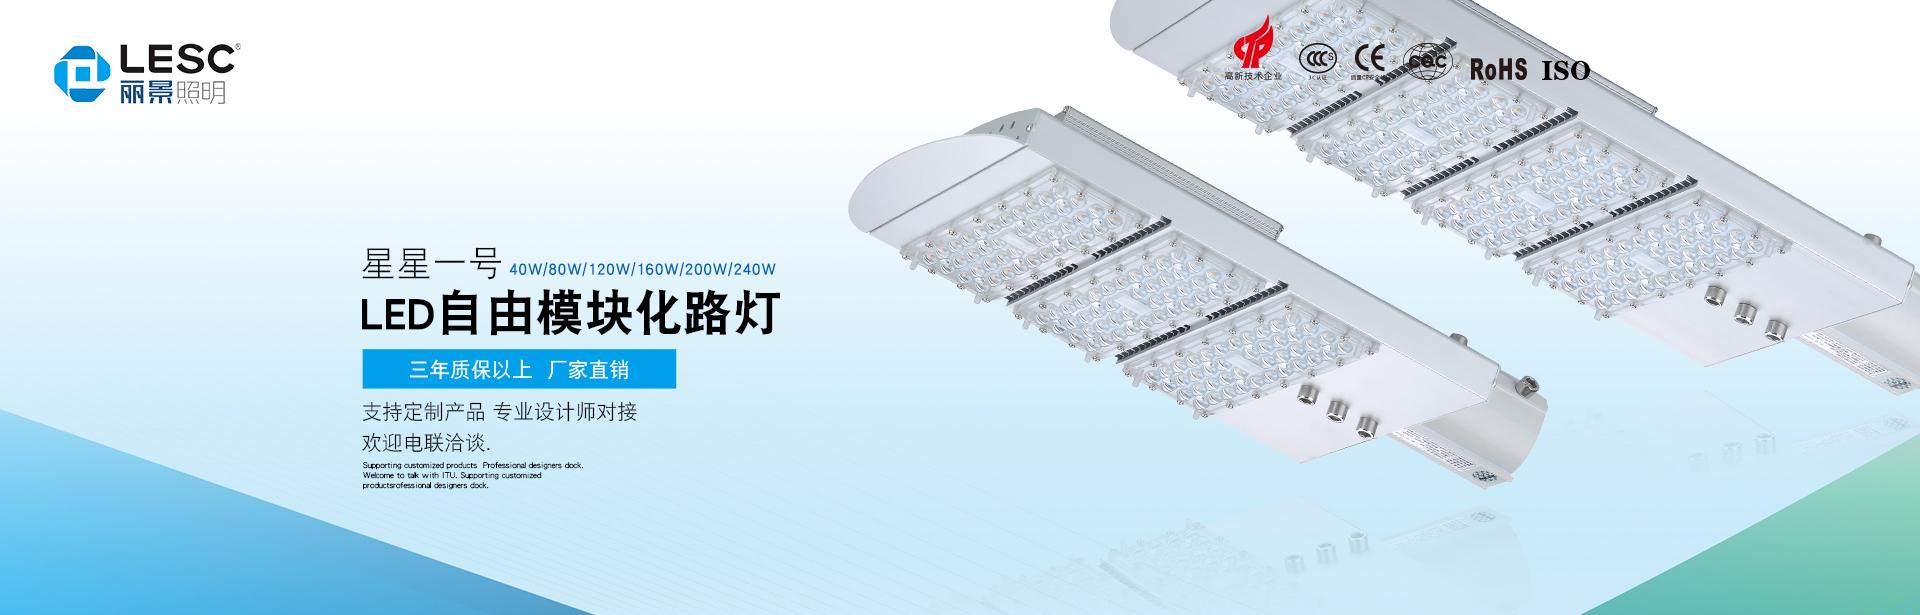 LED自由模块式路灯